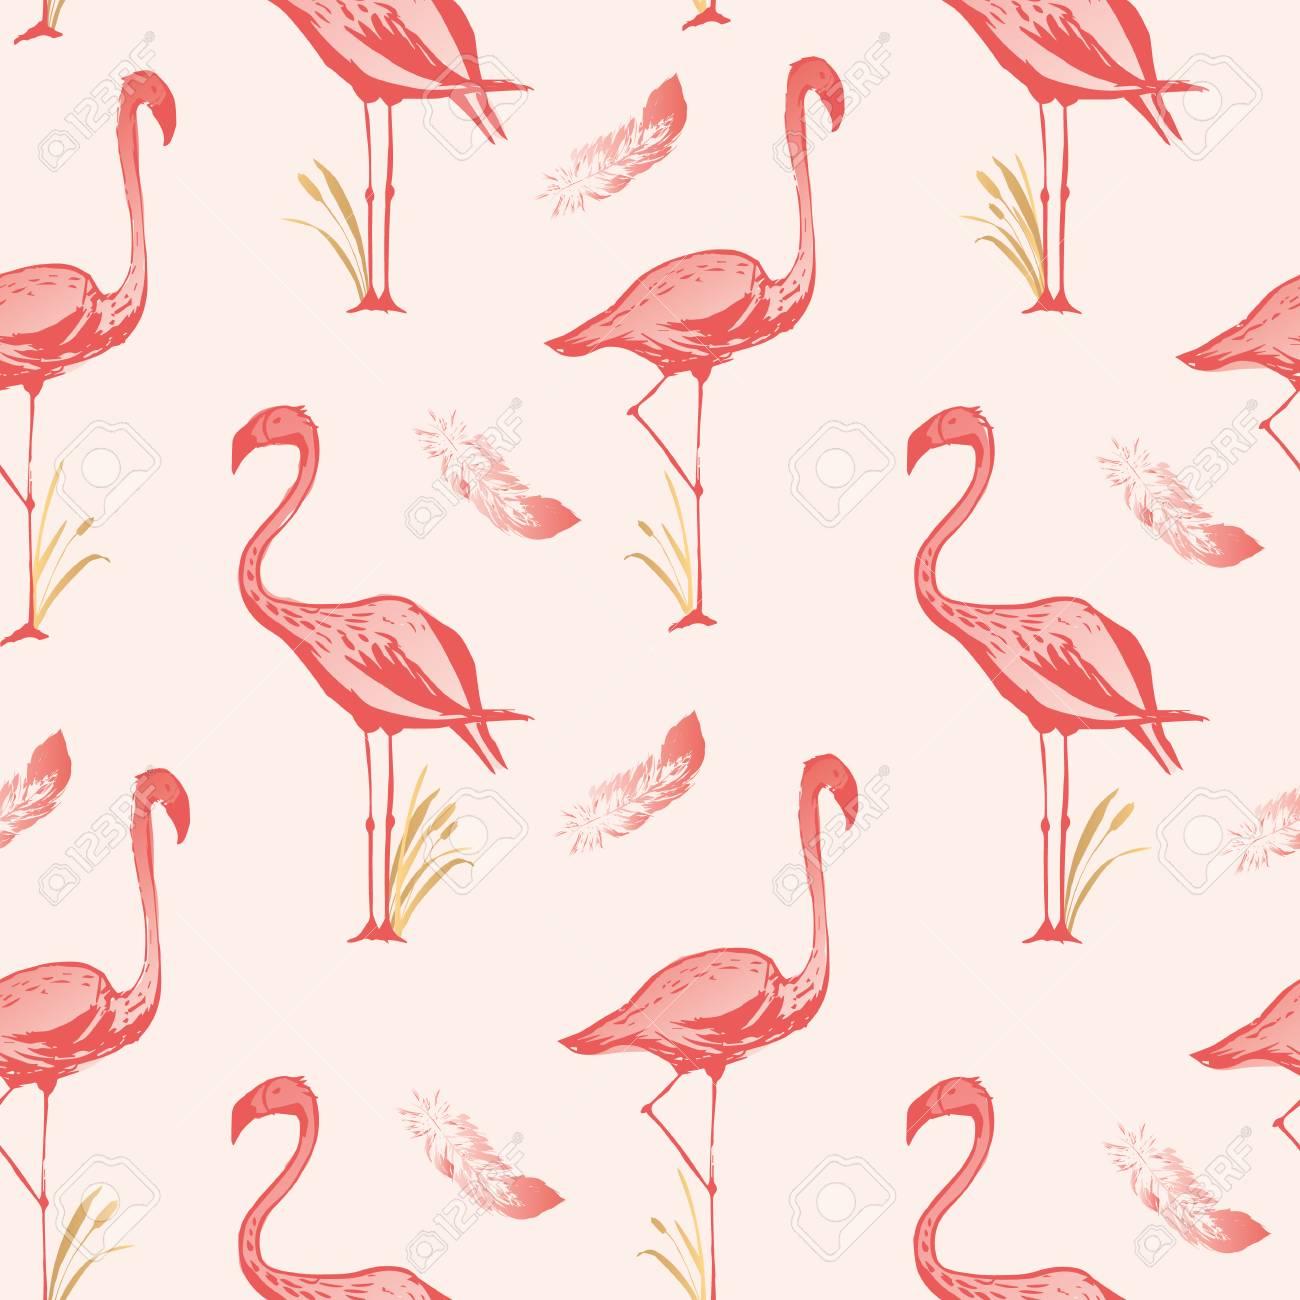 Flamingo De Patrones Sin Fisuras. Diseño De Fondo De Vector Con ...